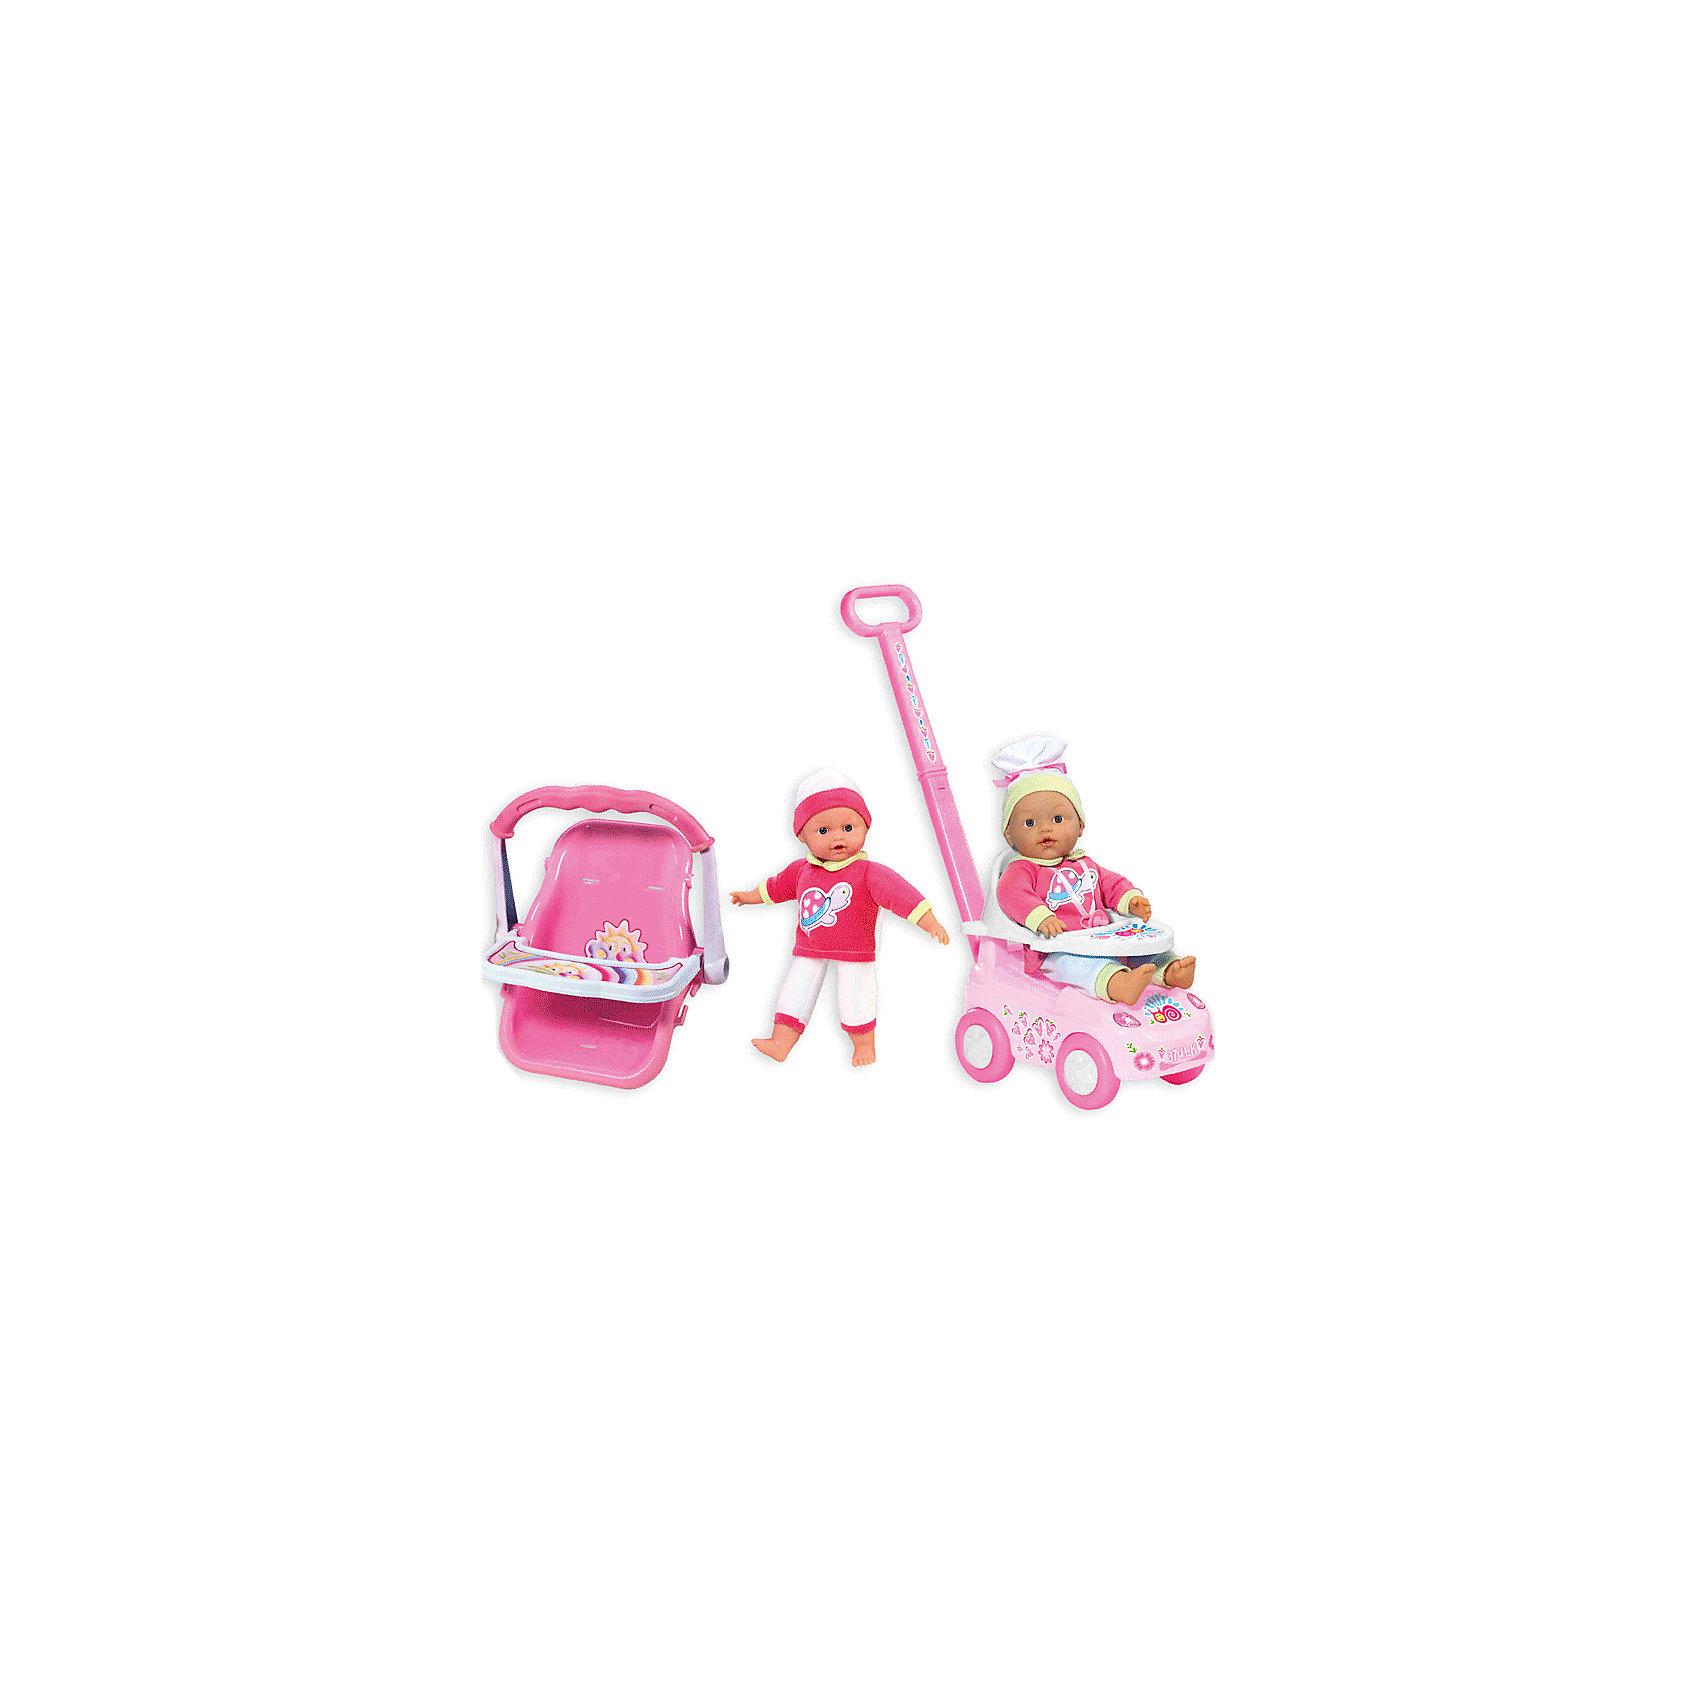 Кукла My Dolly Sucette с каталкой, автокреслом и ходунками, Loko ToysКуклы-пупсы<br>Характеристики товара:<br><br>• возраст: от 1,5 лет;<br>• материал: пластик, текстиль, ПВХ;<br>• в комплекте: 2 куклы, каталка, автокресло, соска;<br>• высота кукол: 30 и 37 см;<br>• размер упаковки: 55,5х39х18,7 см;<br>• вес упаковки: 2 кг;<br>• страна производитель: Китай;<br>• товар представлен в ассортименте, нет возможности выбрать конкретную расцветку.<br><br>Кукла «My Dolly Sucette» Loko Toys с каталкой и автокреслом одета в розовый мягкий костюм и шапочку. В комплекте 2 куклы и дополнительные аксессуары по уходу за пупсом. На каталке можно покатать куклу на прогулке. Для перевозки в автомобиле предусмотрено удобное автокресло со столиком для кормления пупса. Игра с куклой привьет девочке любовь, чувство ответственности, заботы и помощи окружающим. <br><br>Куклу «My Dolly Sucette» Loko Toys с каталкой и автокреслом можно приобрести в нашем интернет-магазине.<br><br>Ширина мм: 555<br>Глубина мм: 187<br>Высота мм: 390<br>Вес г: 2000<br>Возраст от месяцев: 18<br>Возраст до месяцев: 2147483647<br>Пол: Женский<br>Возраст: Детский<br>SKU: 6759069